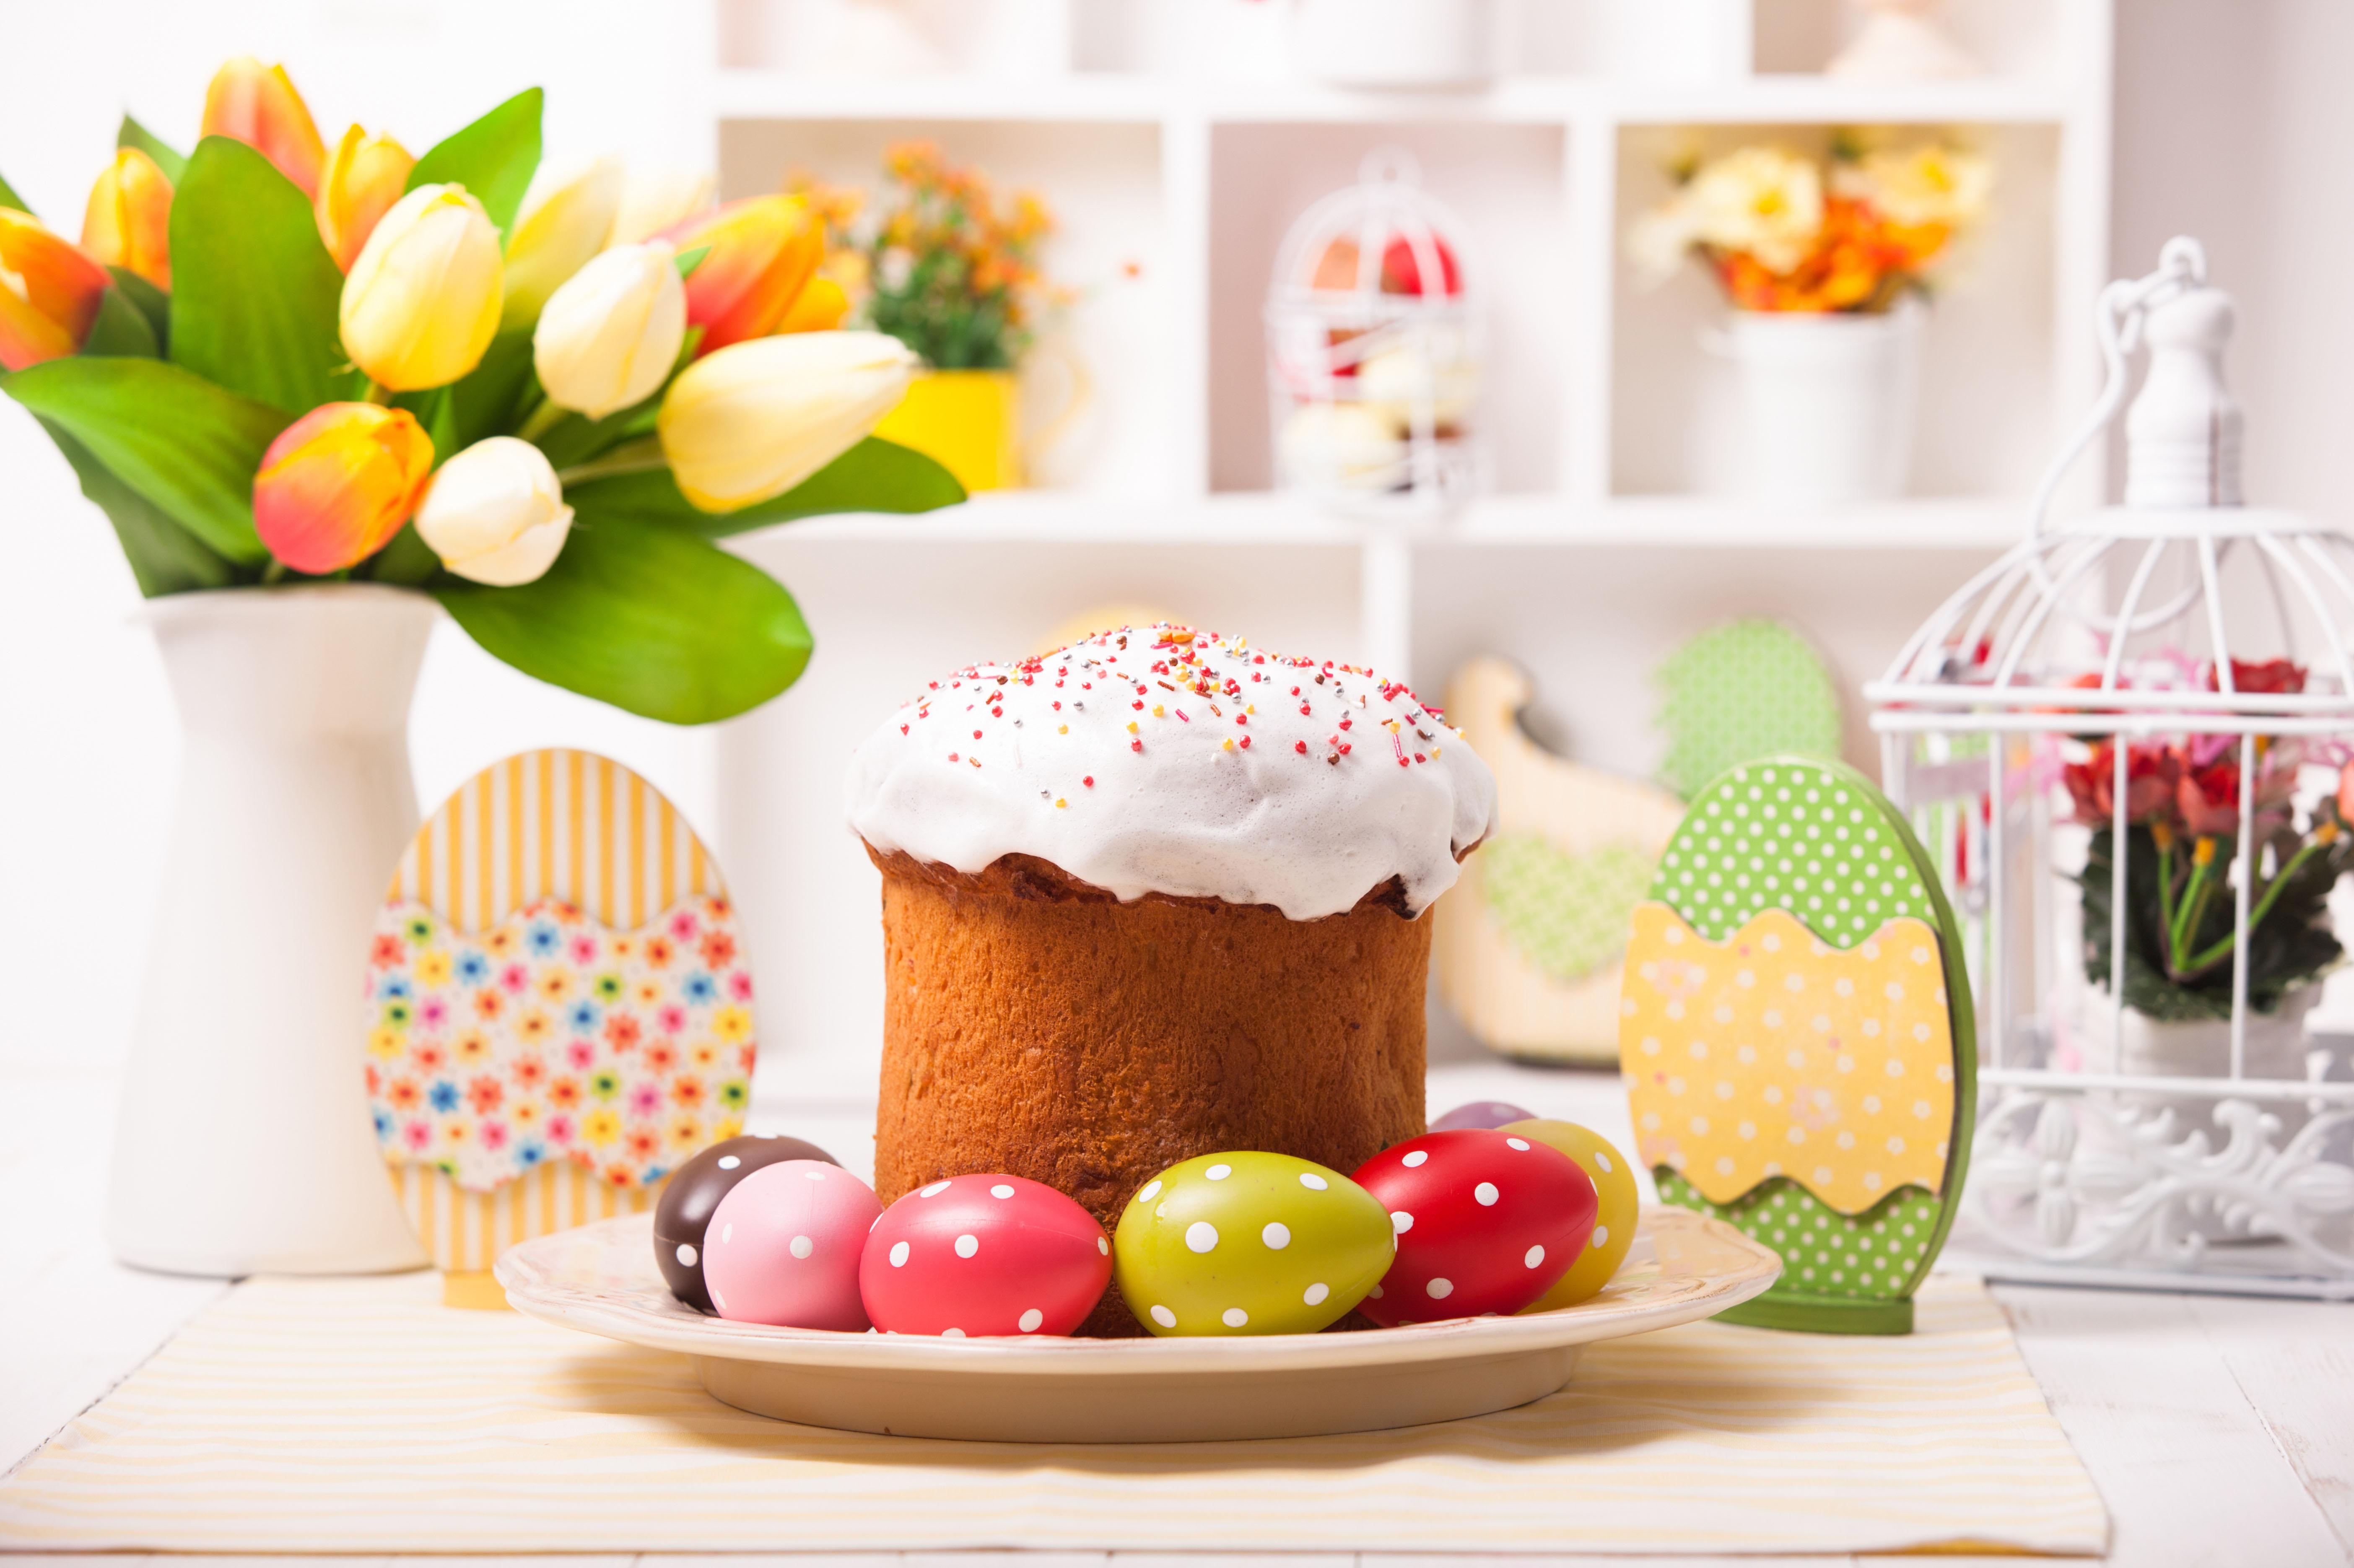 HDoboi.Kiev.ua - Пасхальный пирог с яйцами и букетом цветов на столе